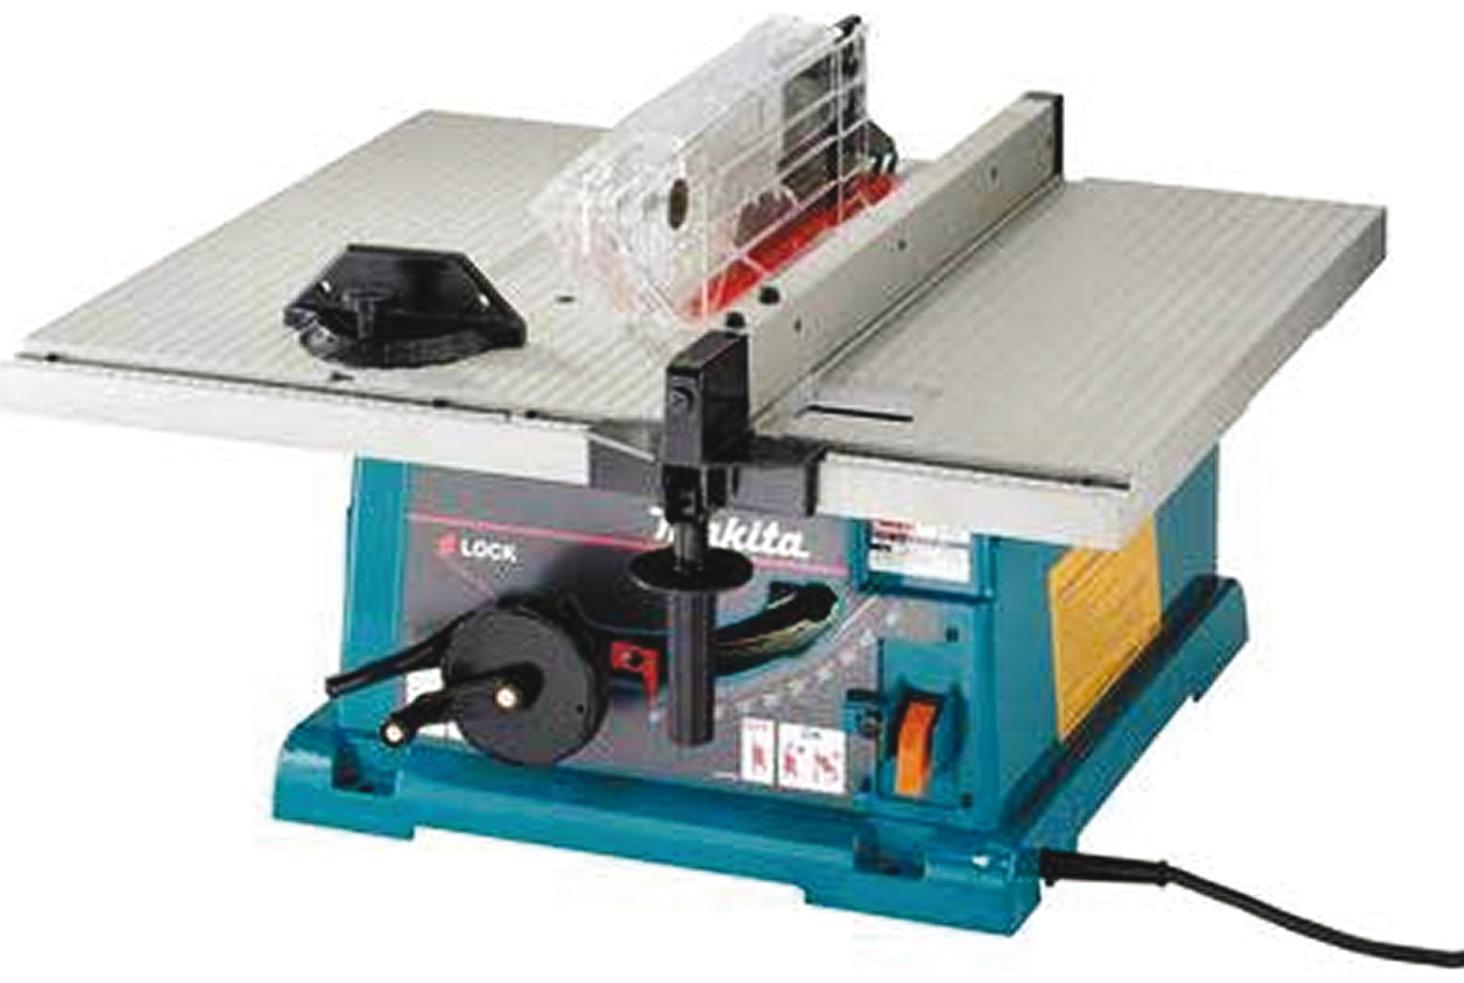 Makita USA - Product Details -2703 on